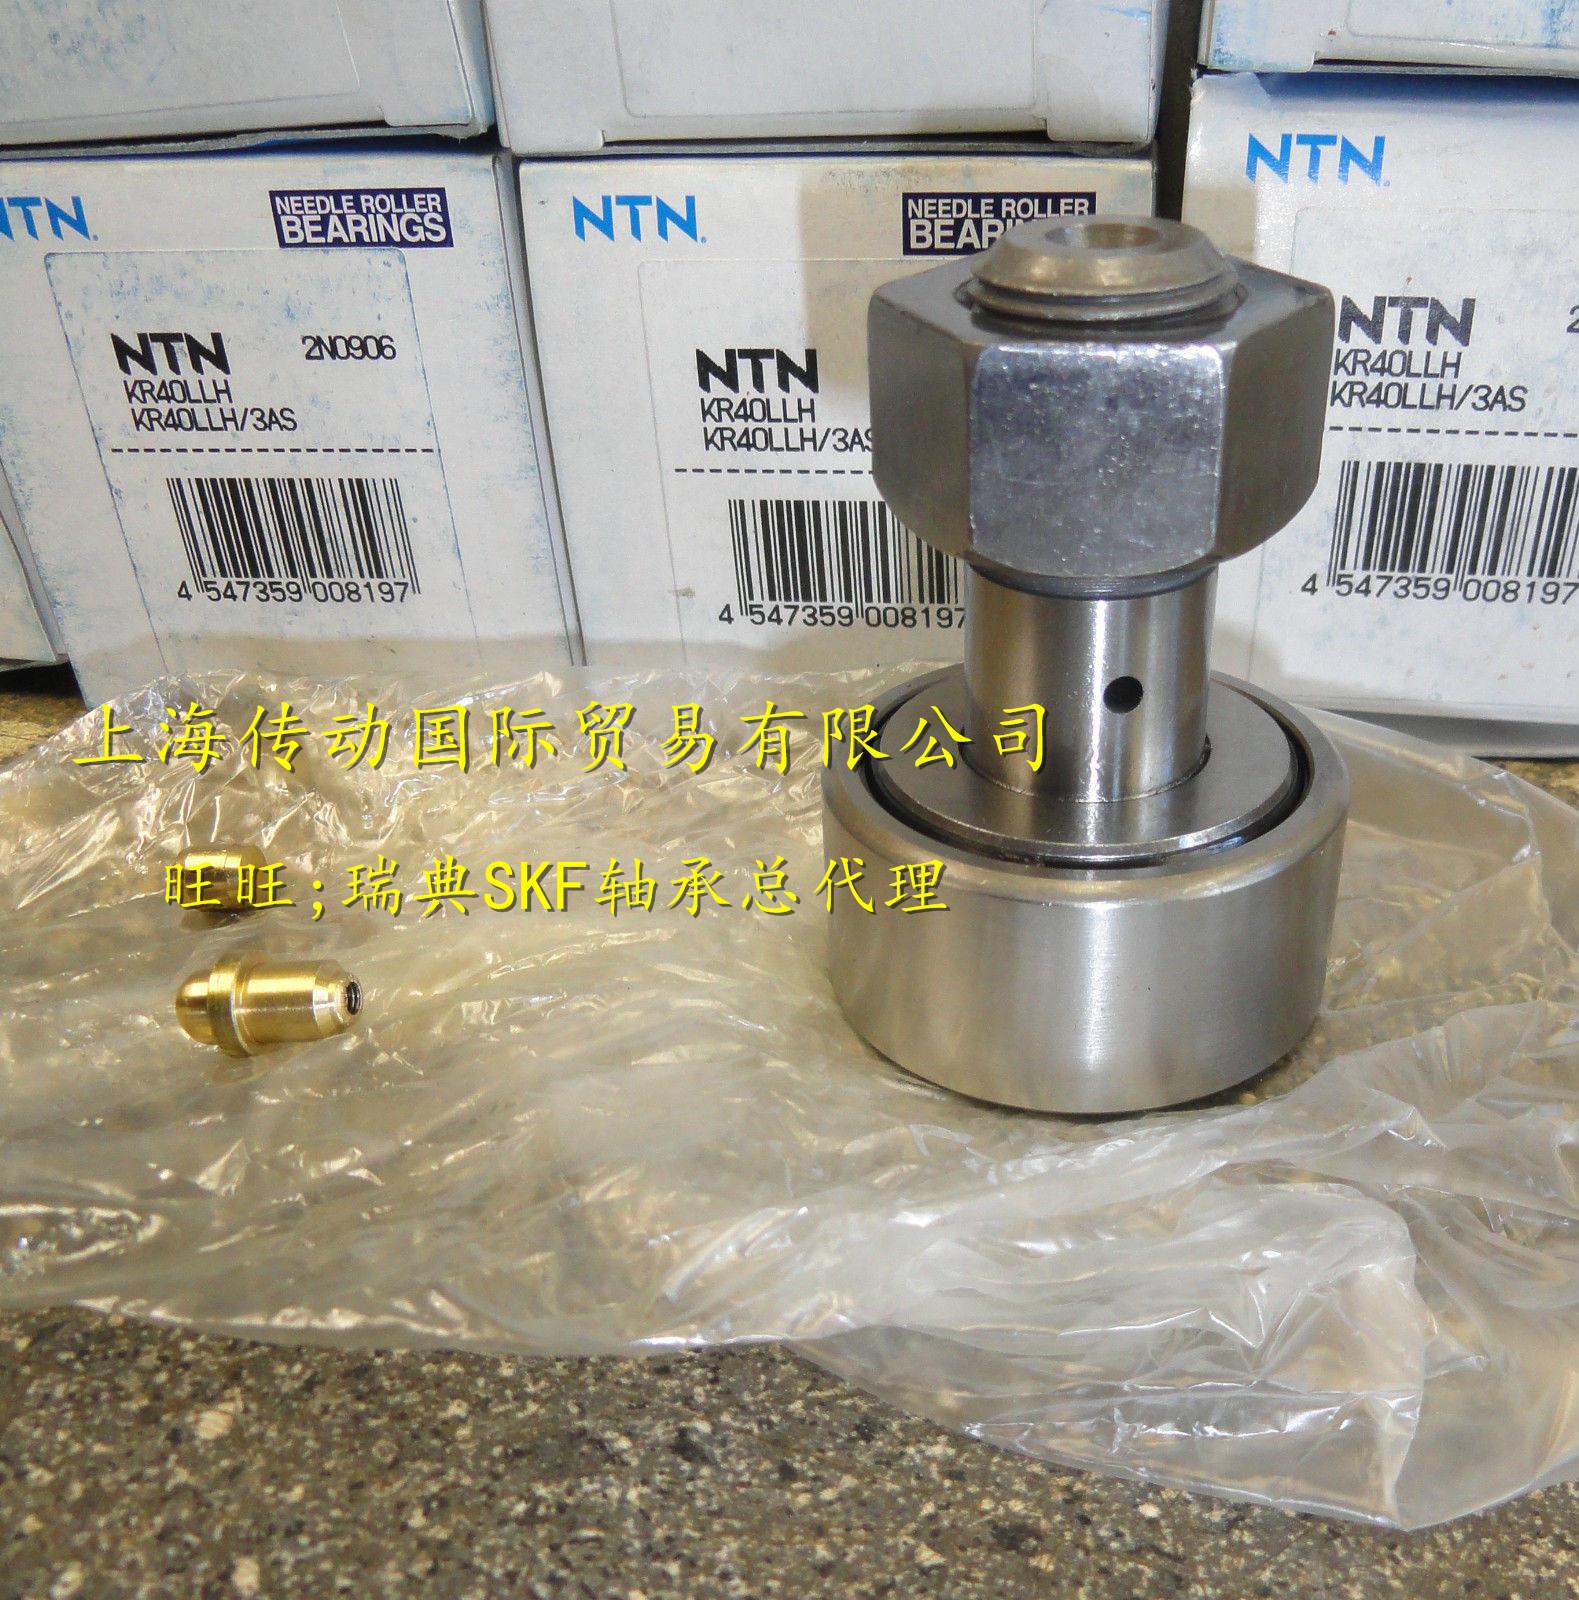 Япония NTN импорт подшипник болт тип колесо подшипник KRV30LLH/3AS качественная оригинальная продукция KRV30LL